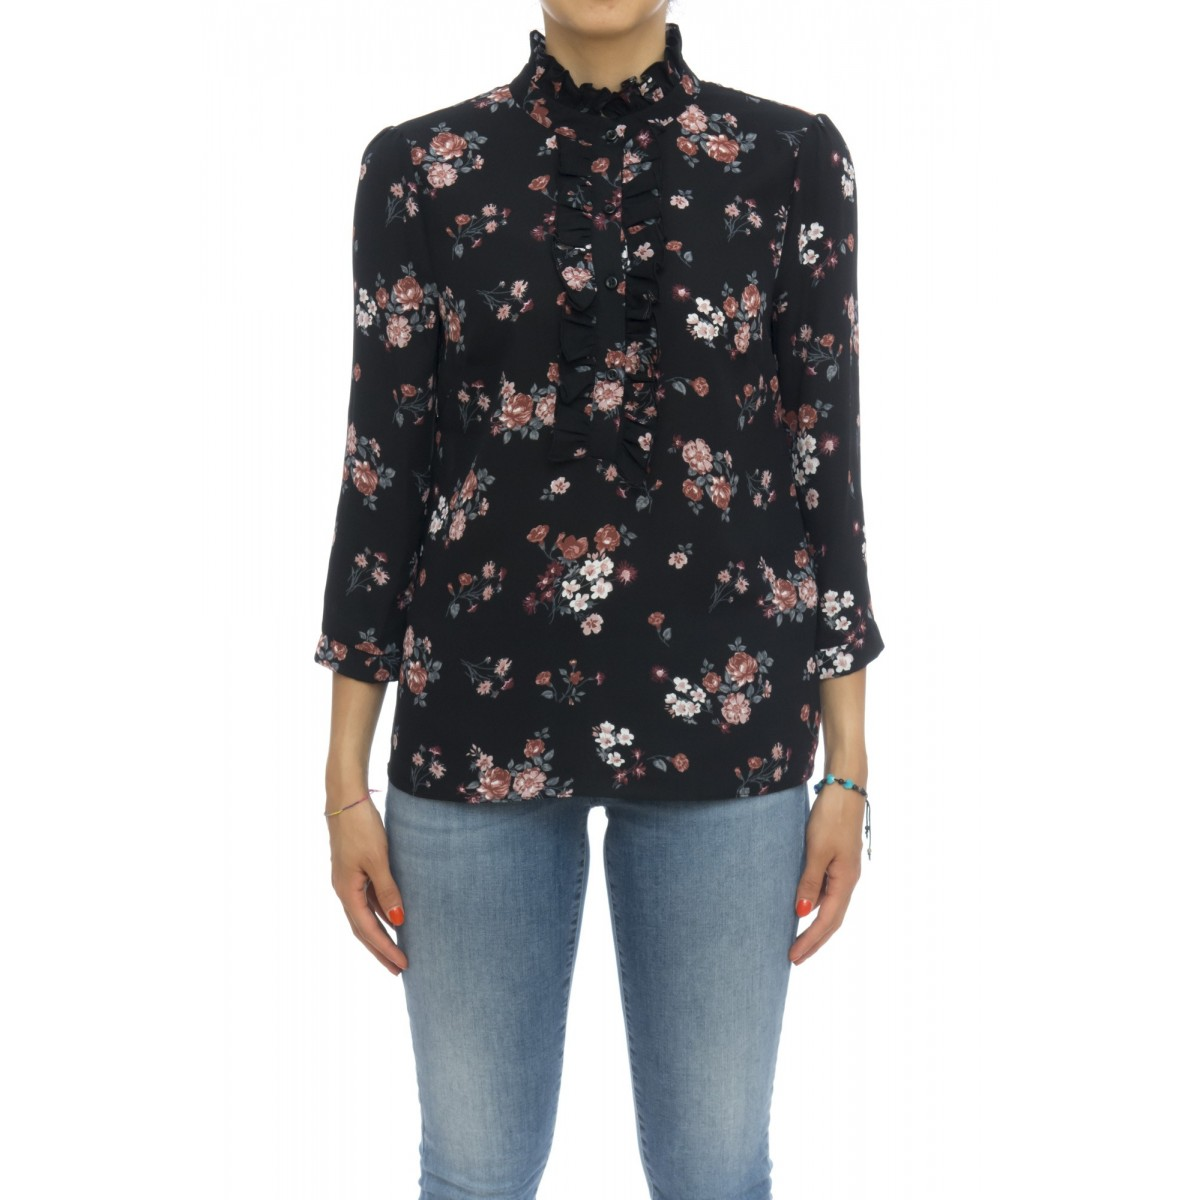 Camicia donna - Napier camicia stampa fiori